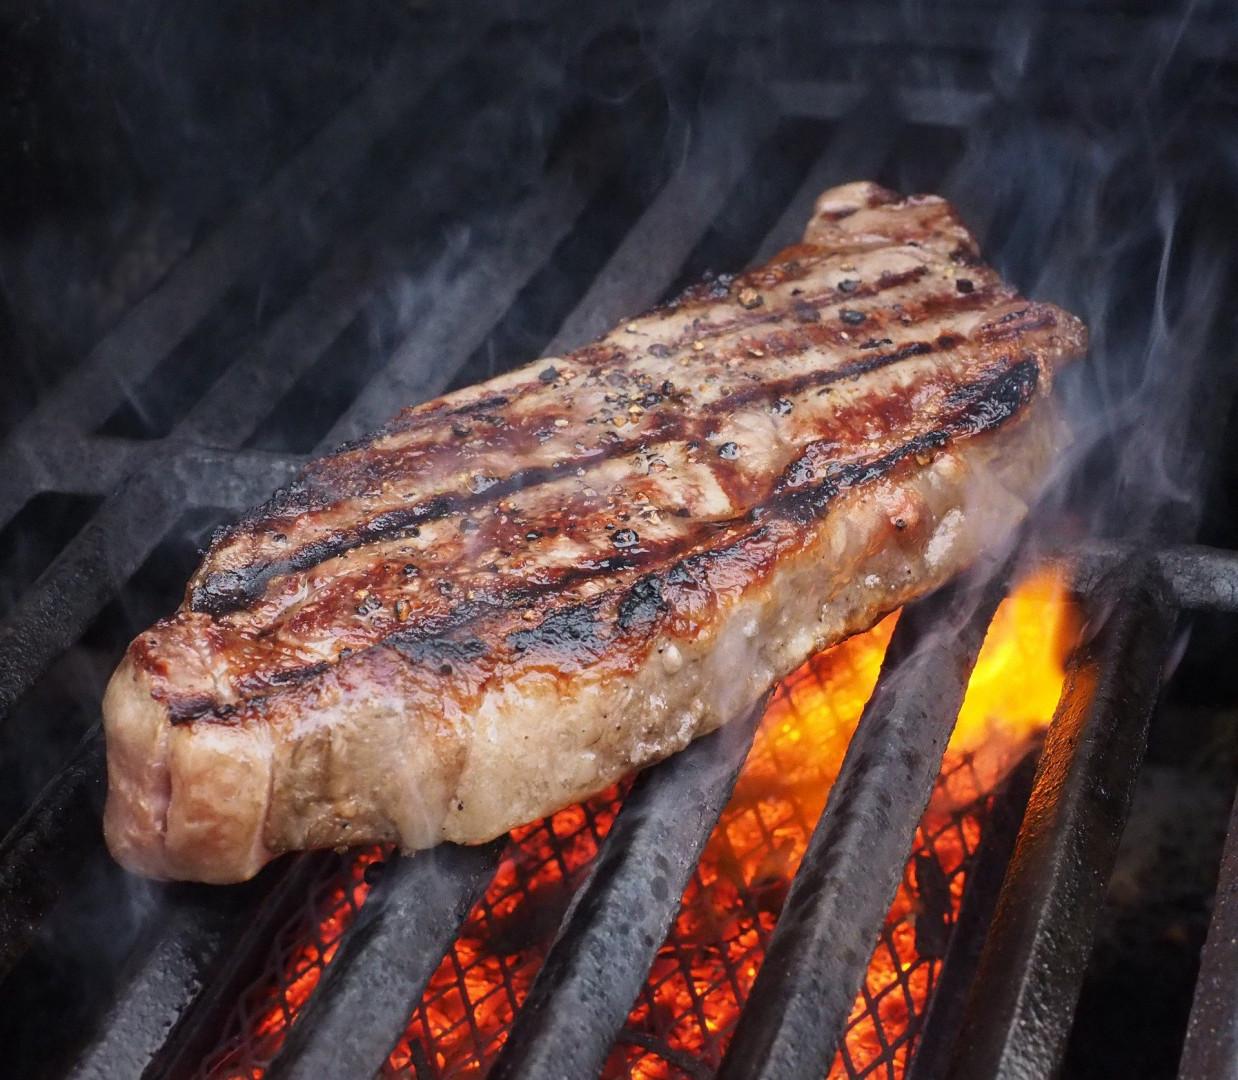 grilling steaks, grassfed steak, steaks